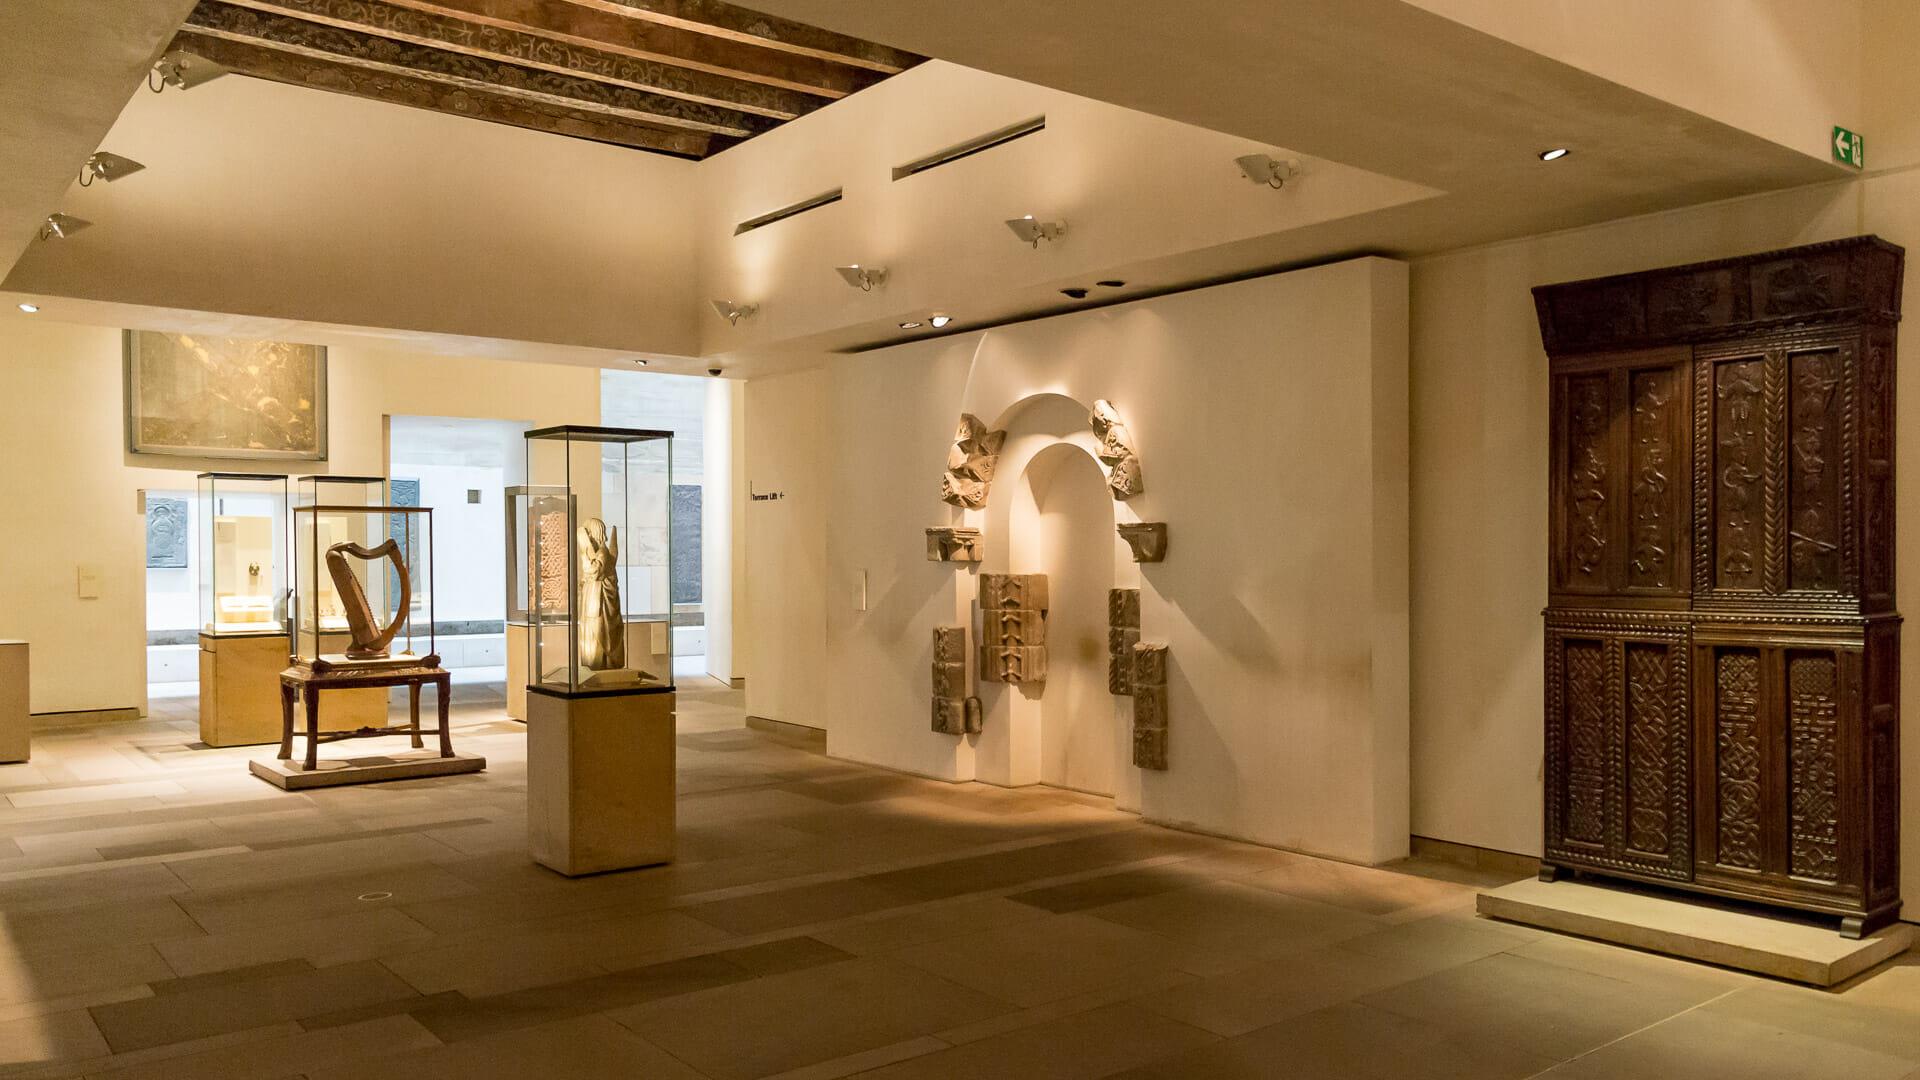 Ausstellungsraum im neuen Gebäude